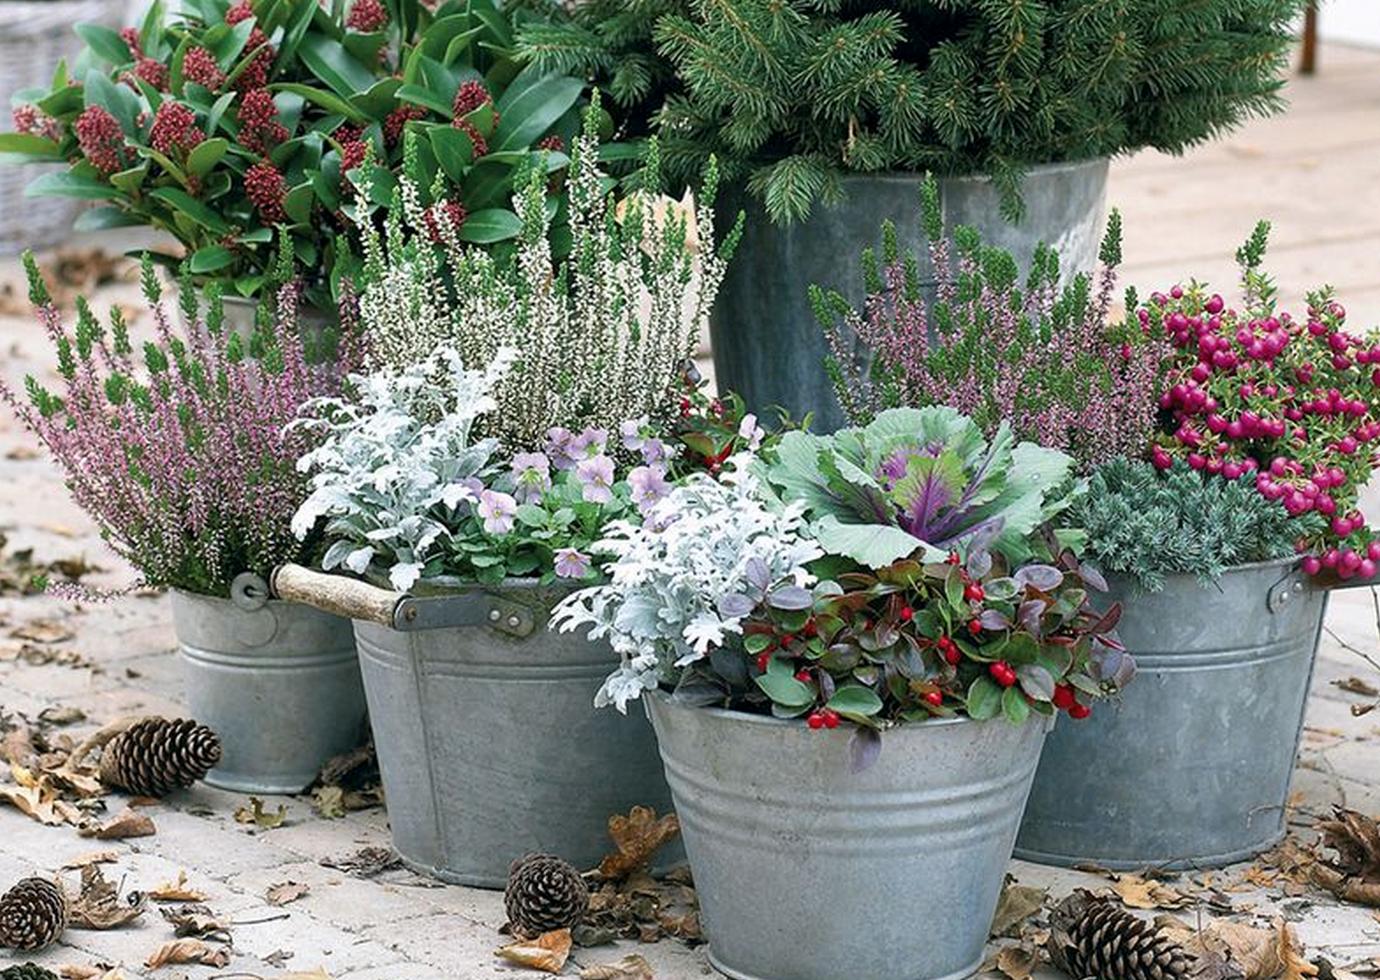 Tuin inspiratie genieten van jouw herfst tuin stijlvol styling woonblog - Deco van de tuin ...